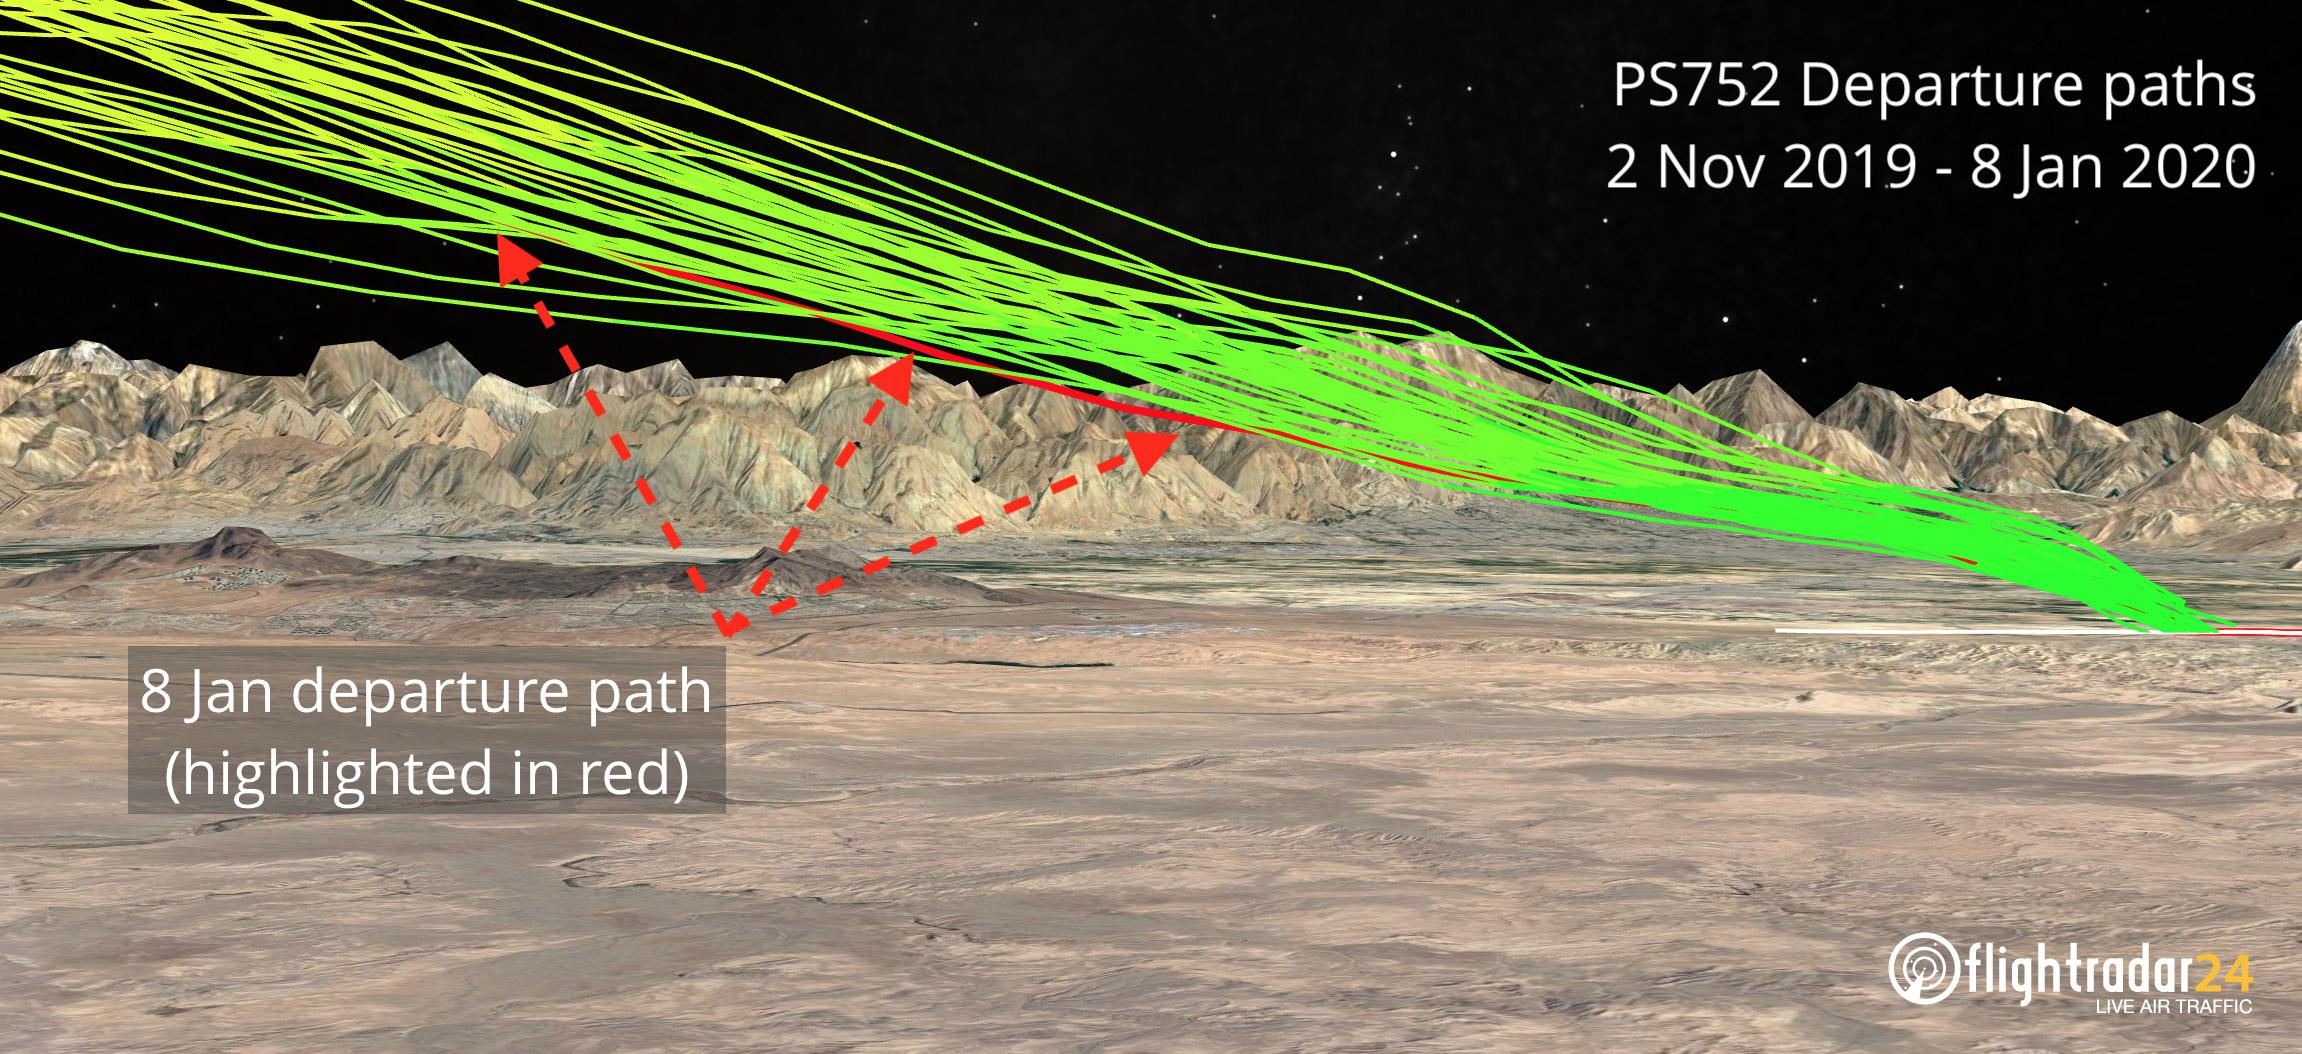 Схема набора высоты рейсов МАУ PS 752 с ноября 2019 года по 8 января 2020 года. Красным обозначен разбившийся рейс PS 752